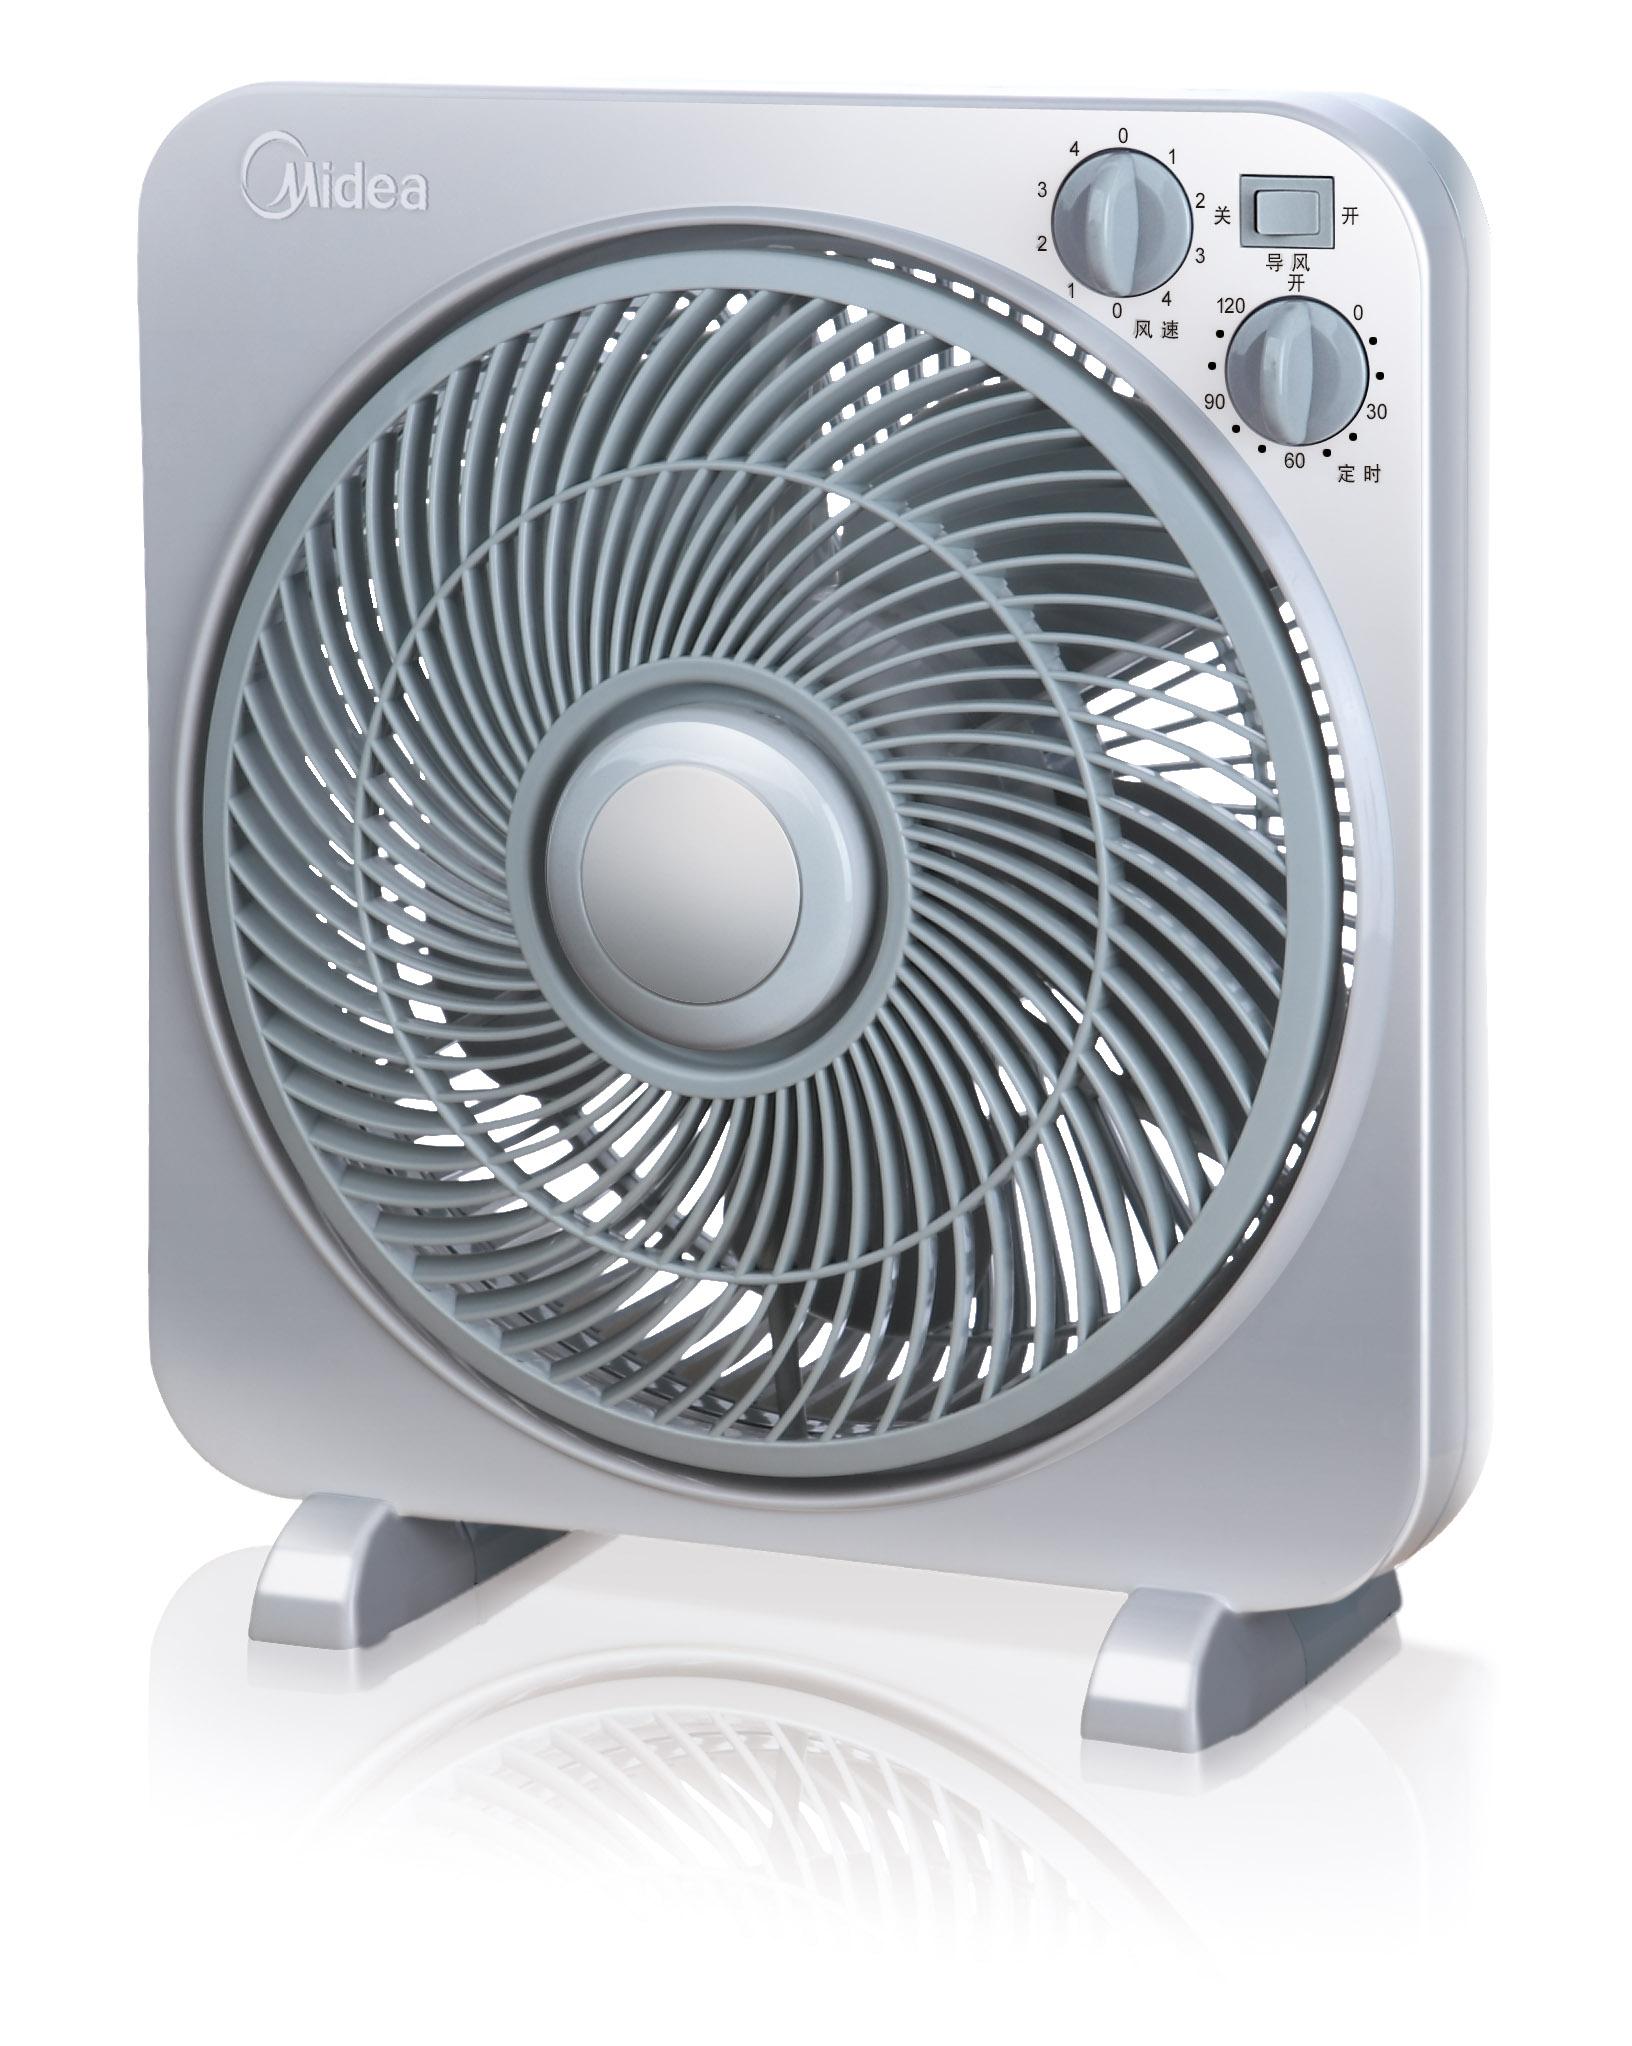 Midea/美的 KYT25-10A电风扇 说明书.pdf